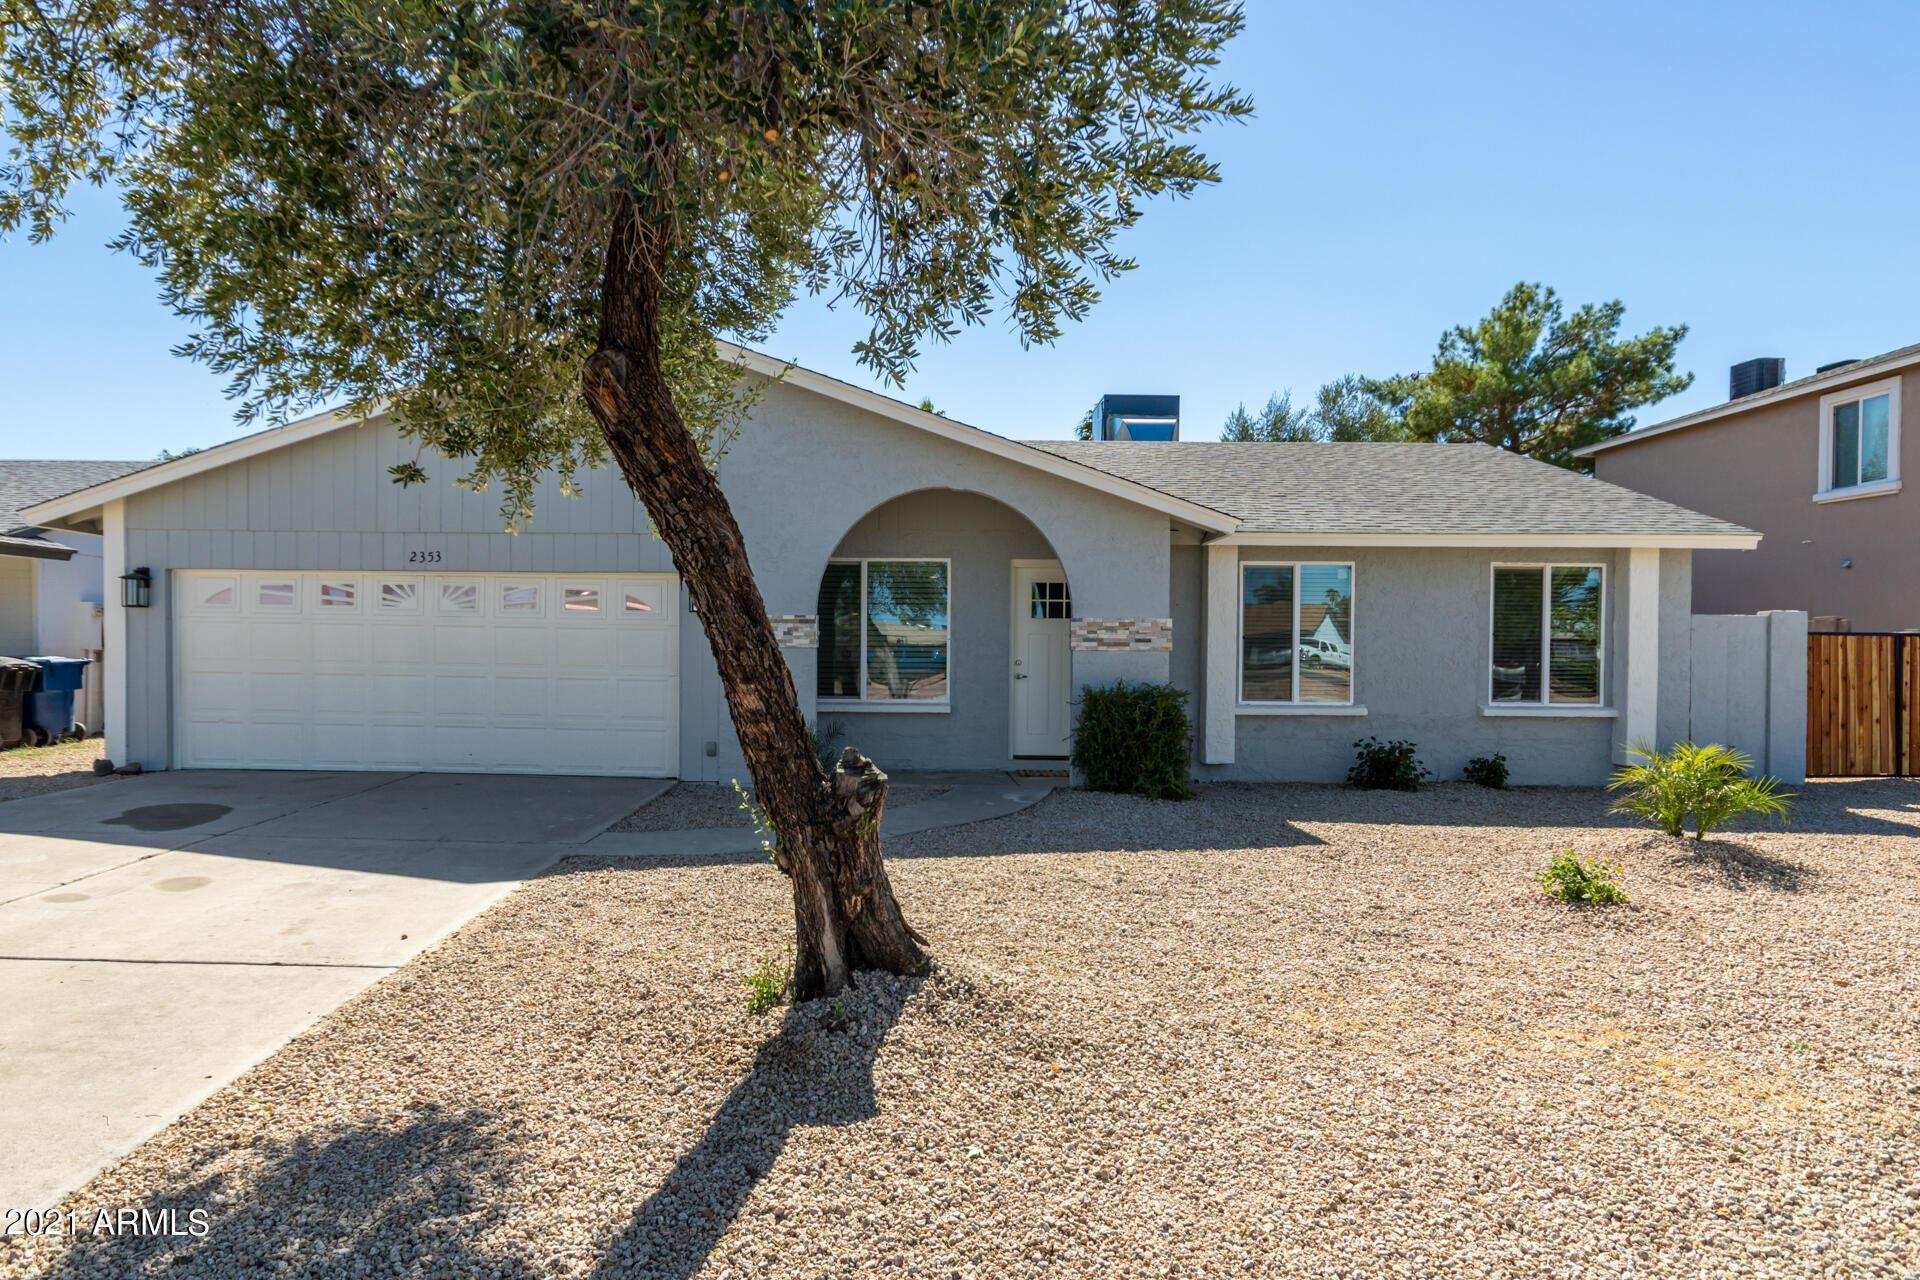 Photo of 2353 E HAMPTON Avenue, Mesa, AZ 85204 (MLS # 6307891)